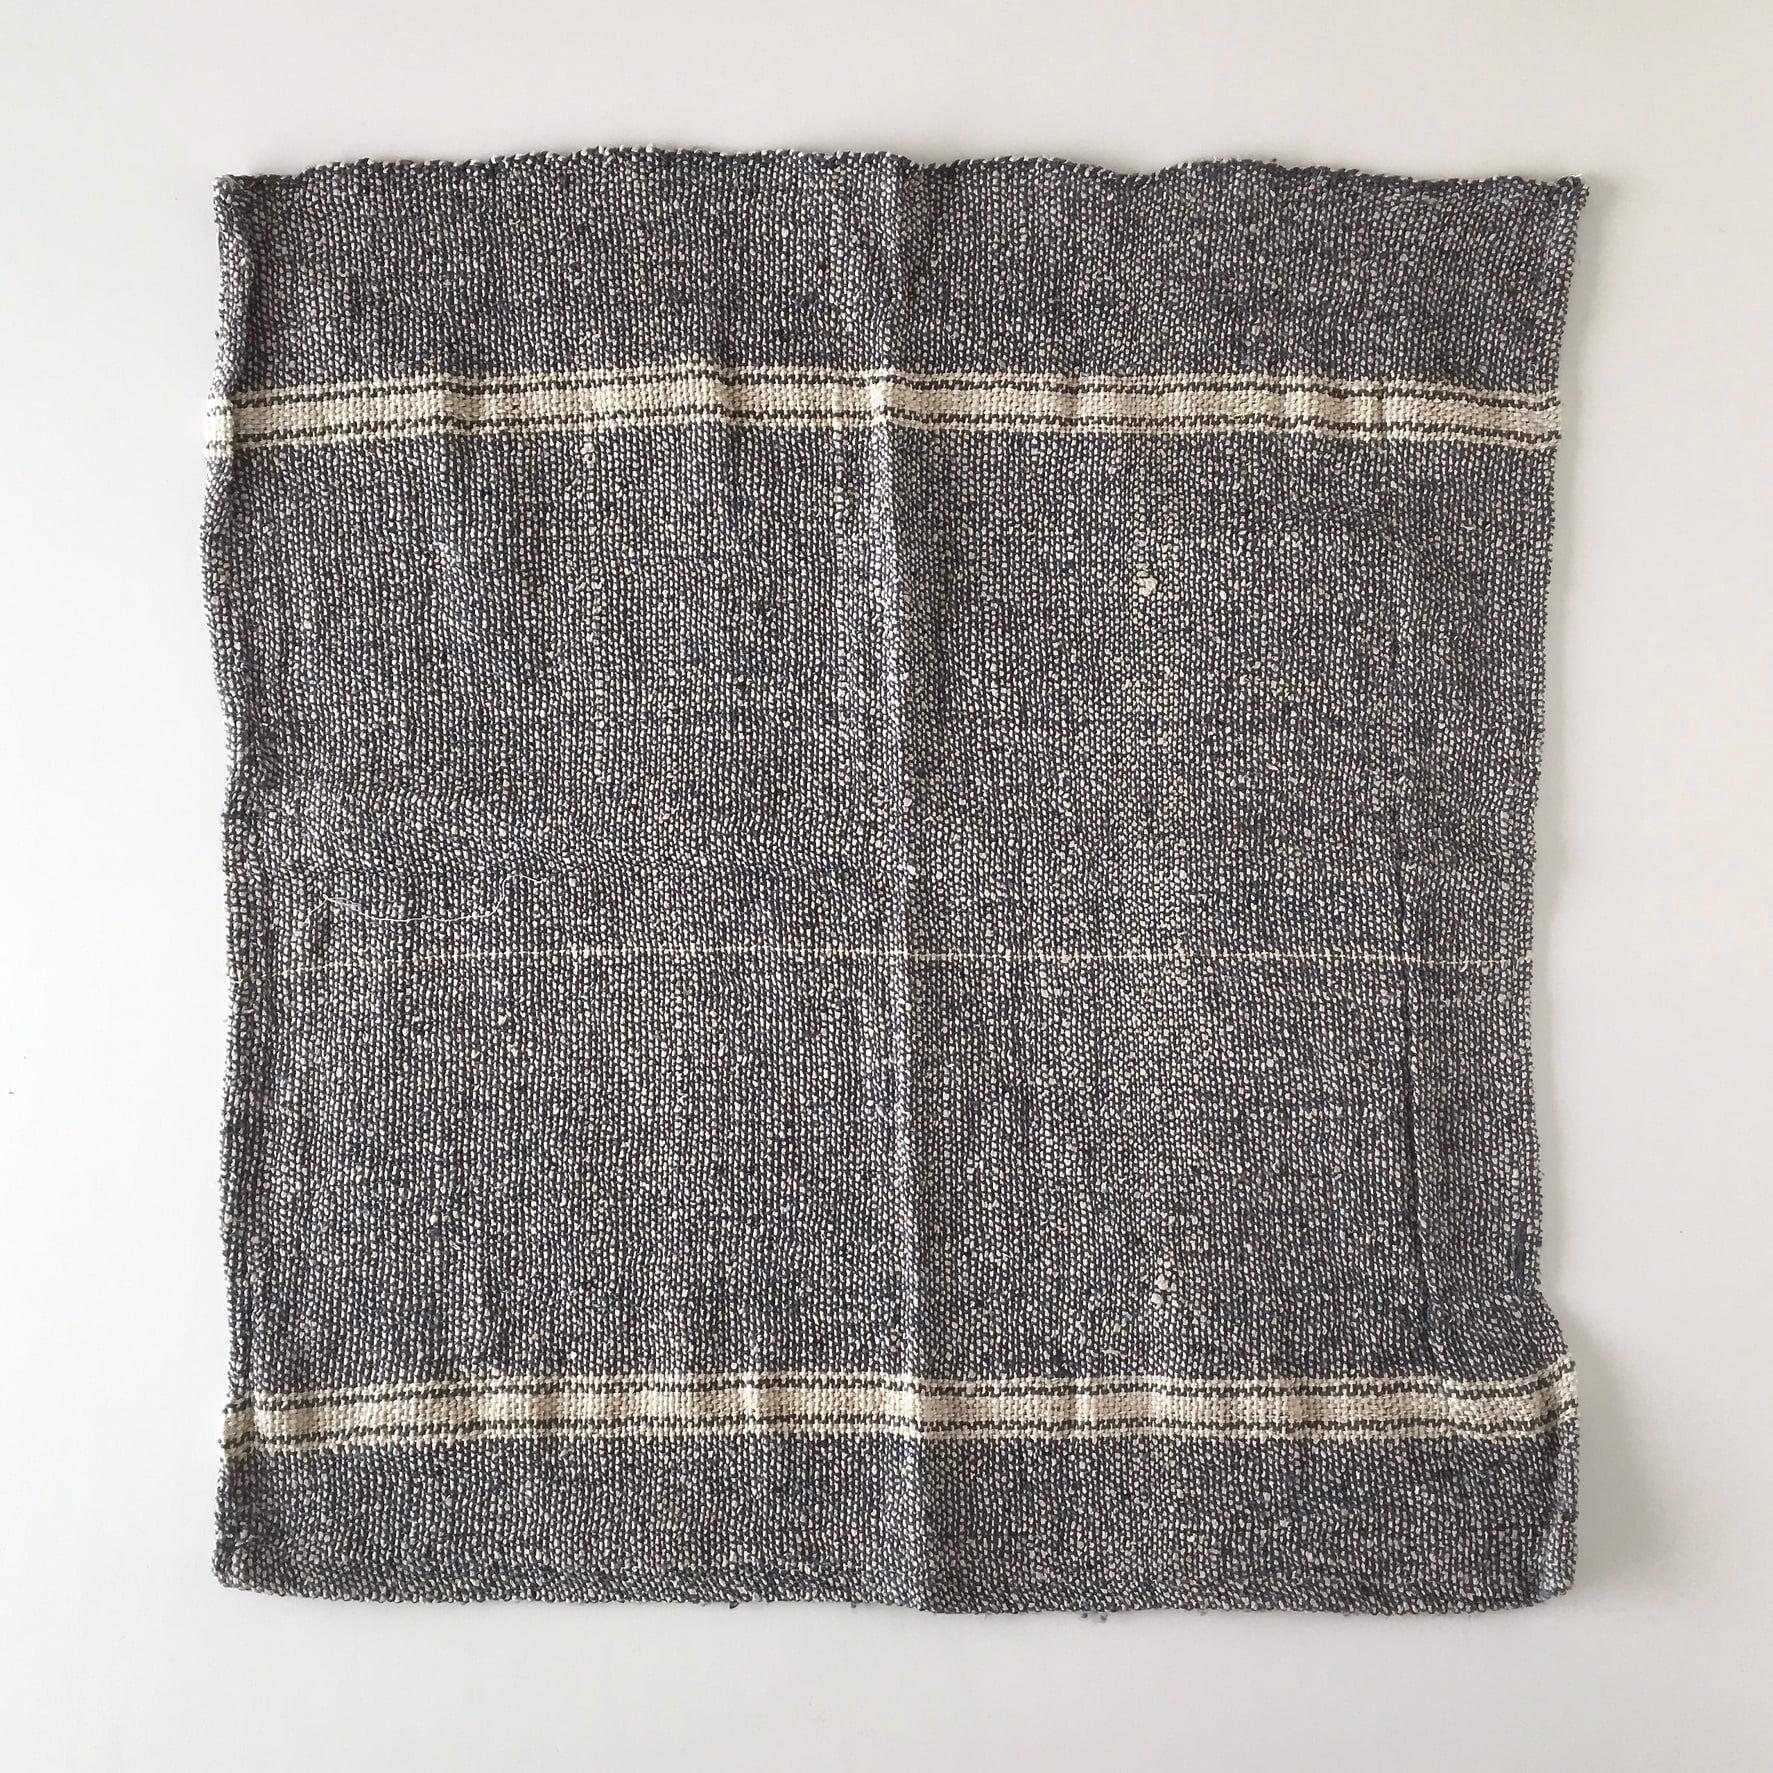 インドのクロス India Cloth 60